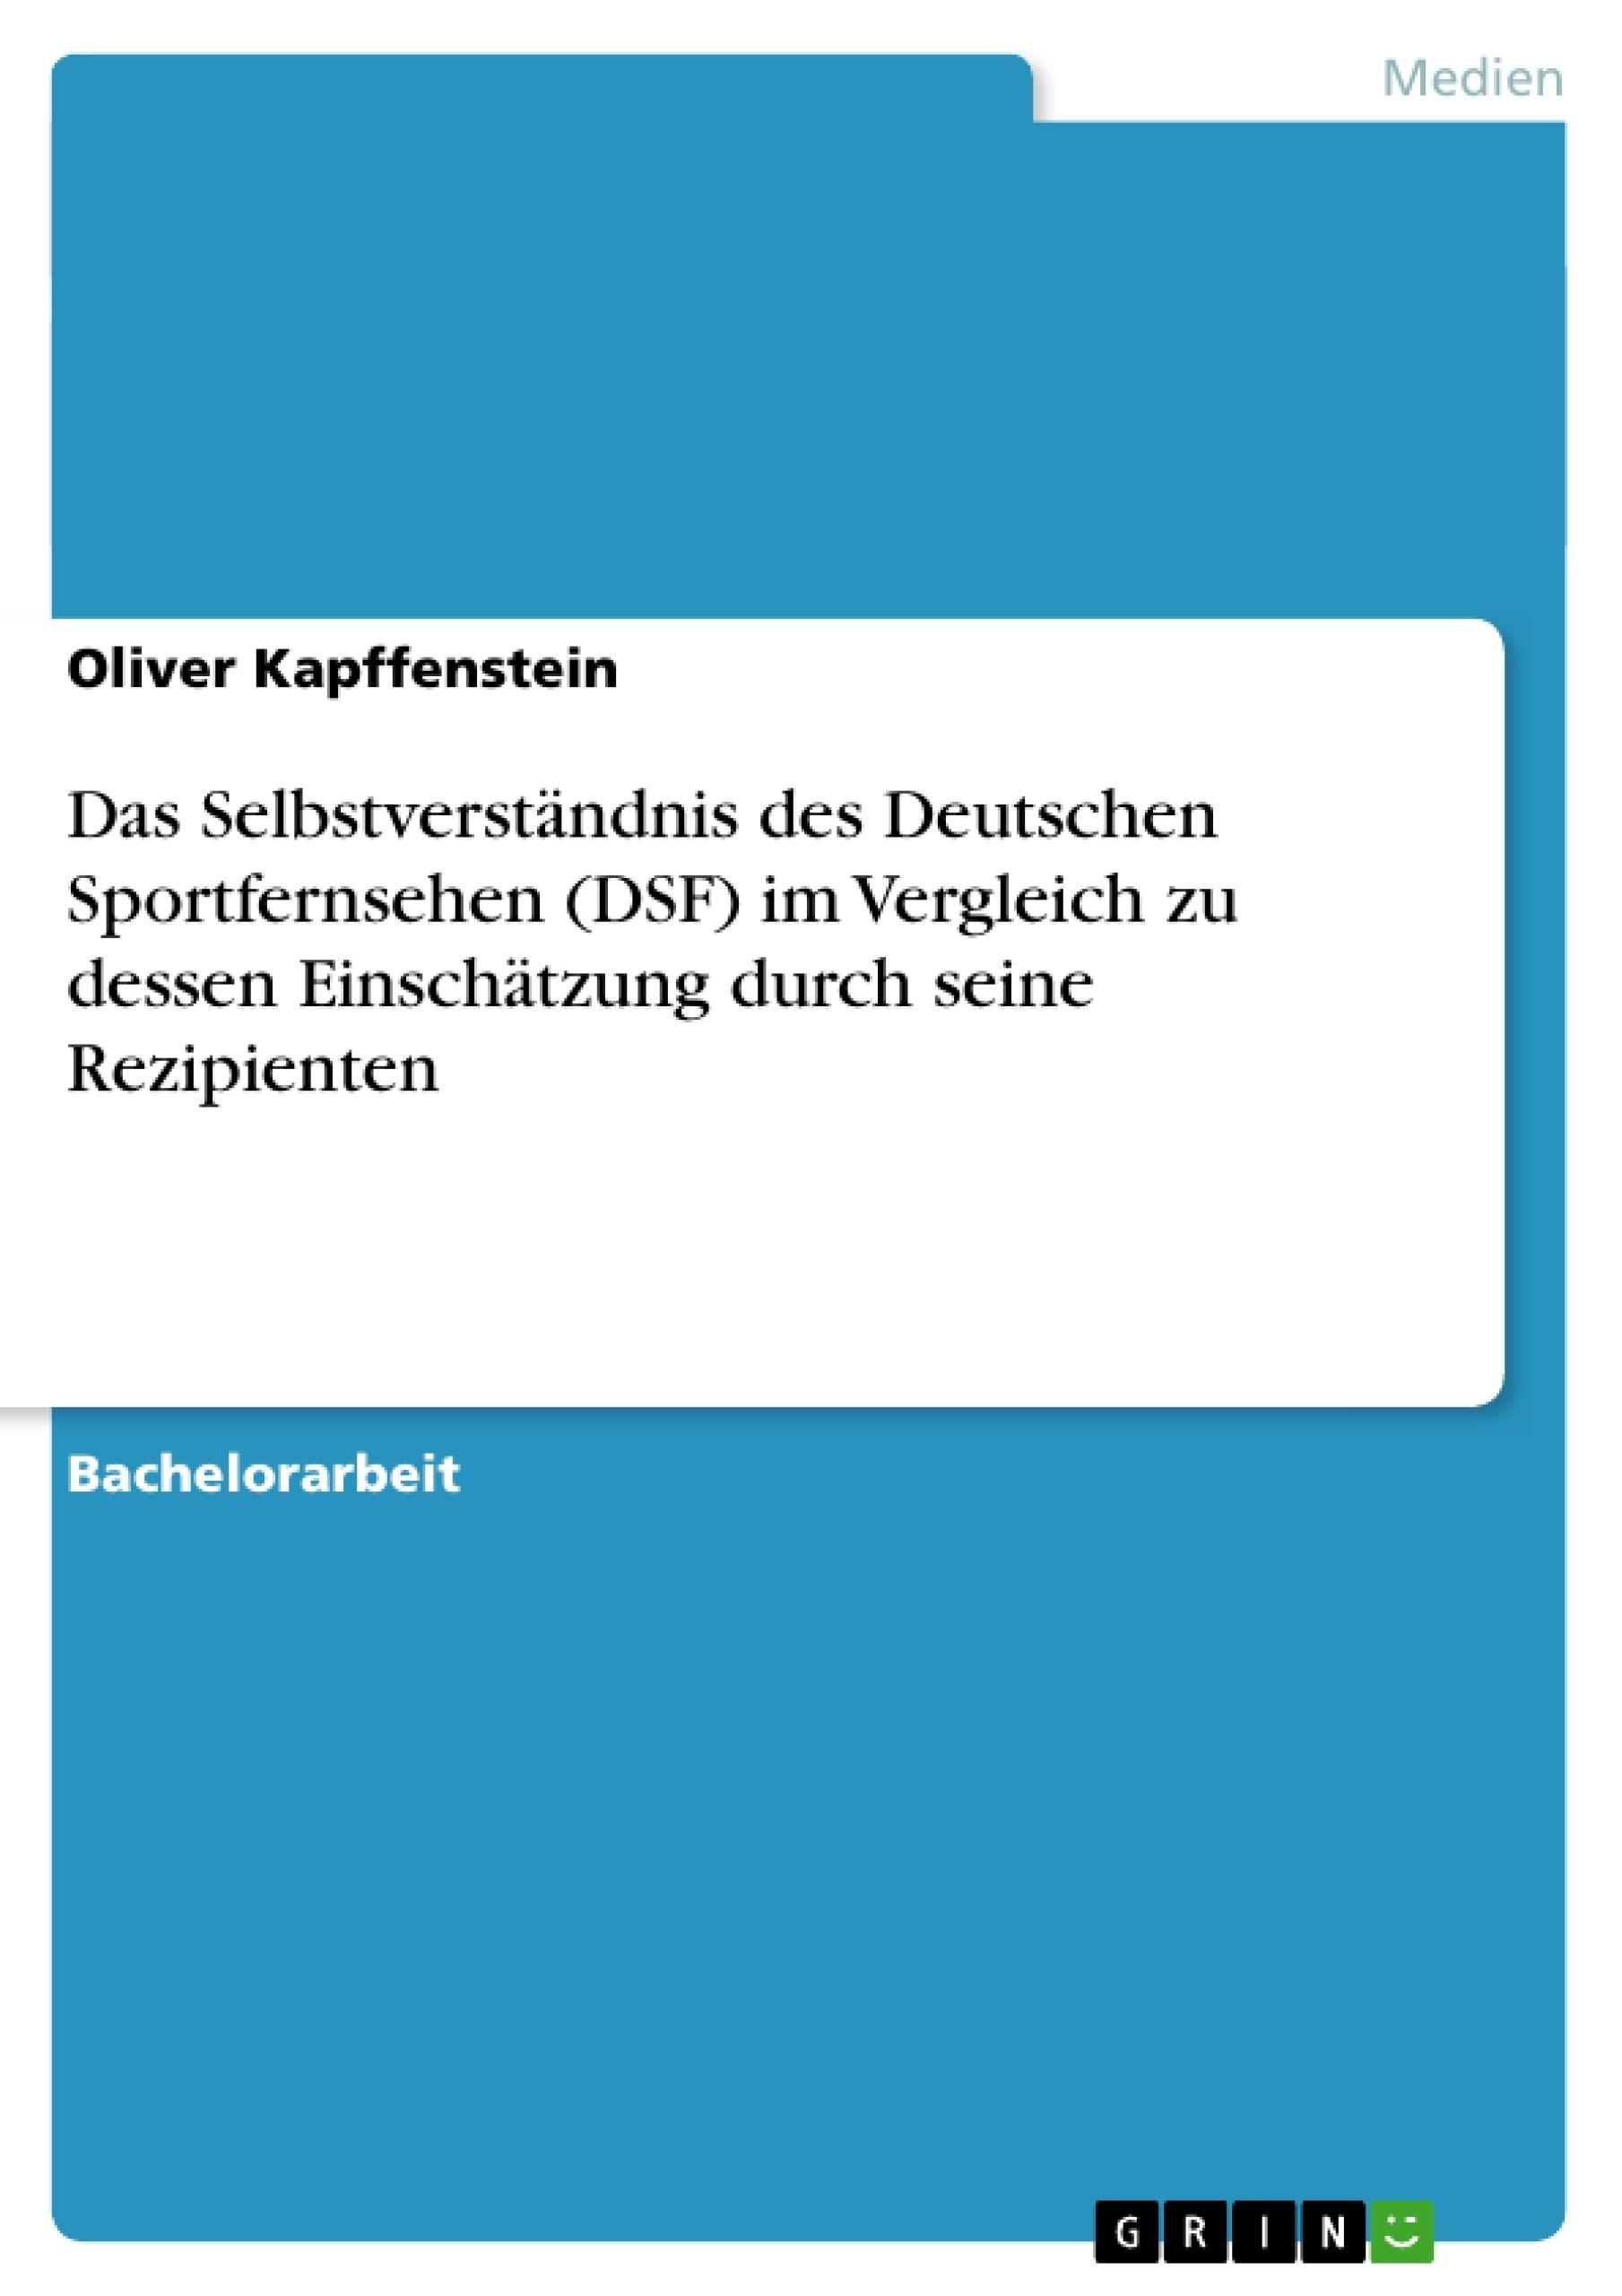 Titel: Das Selbstverständnis des Deutschen Sportfernsehen (DSF) im Vergleich zu dessen Einschätzung durch seine Rezipienten